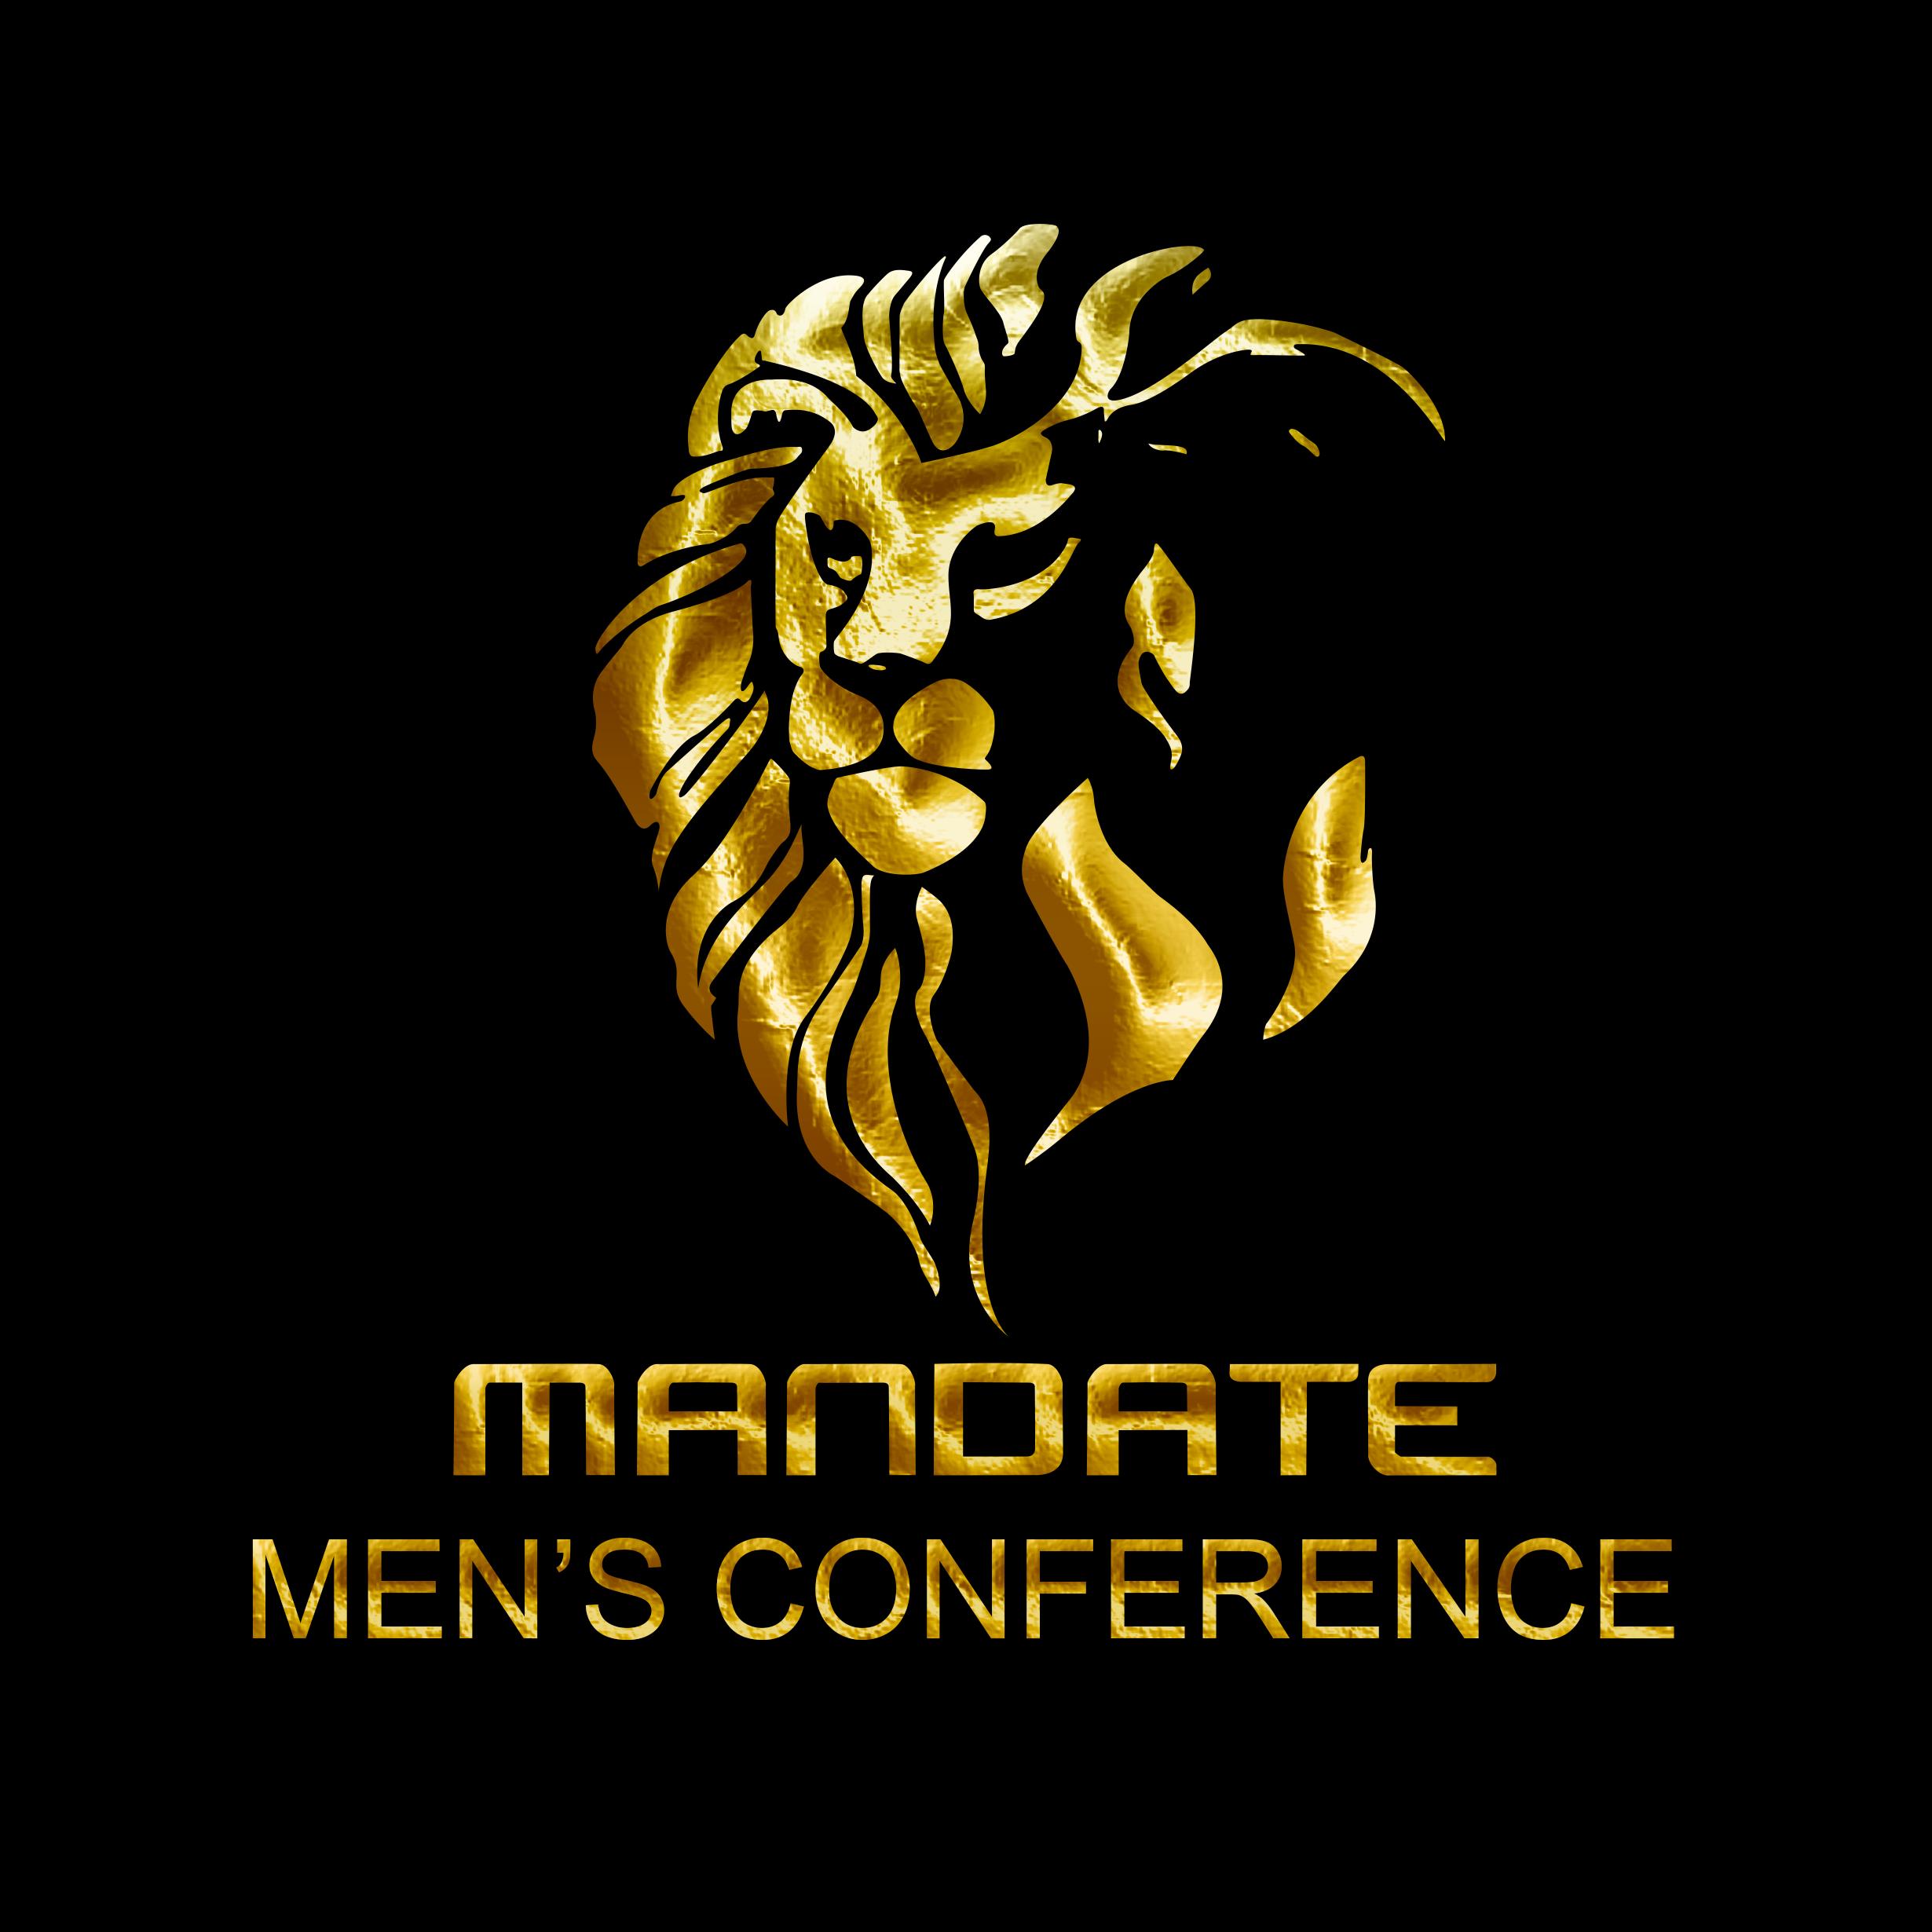 Mandate Vector Logo.png